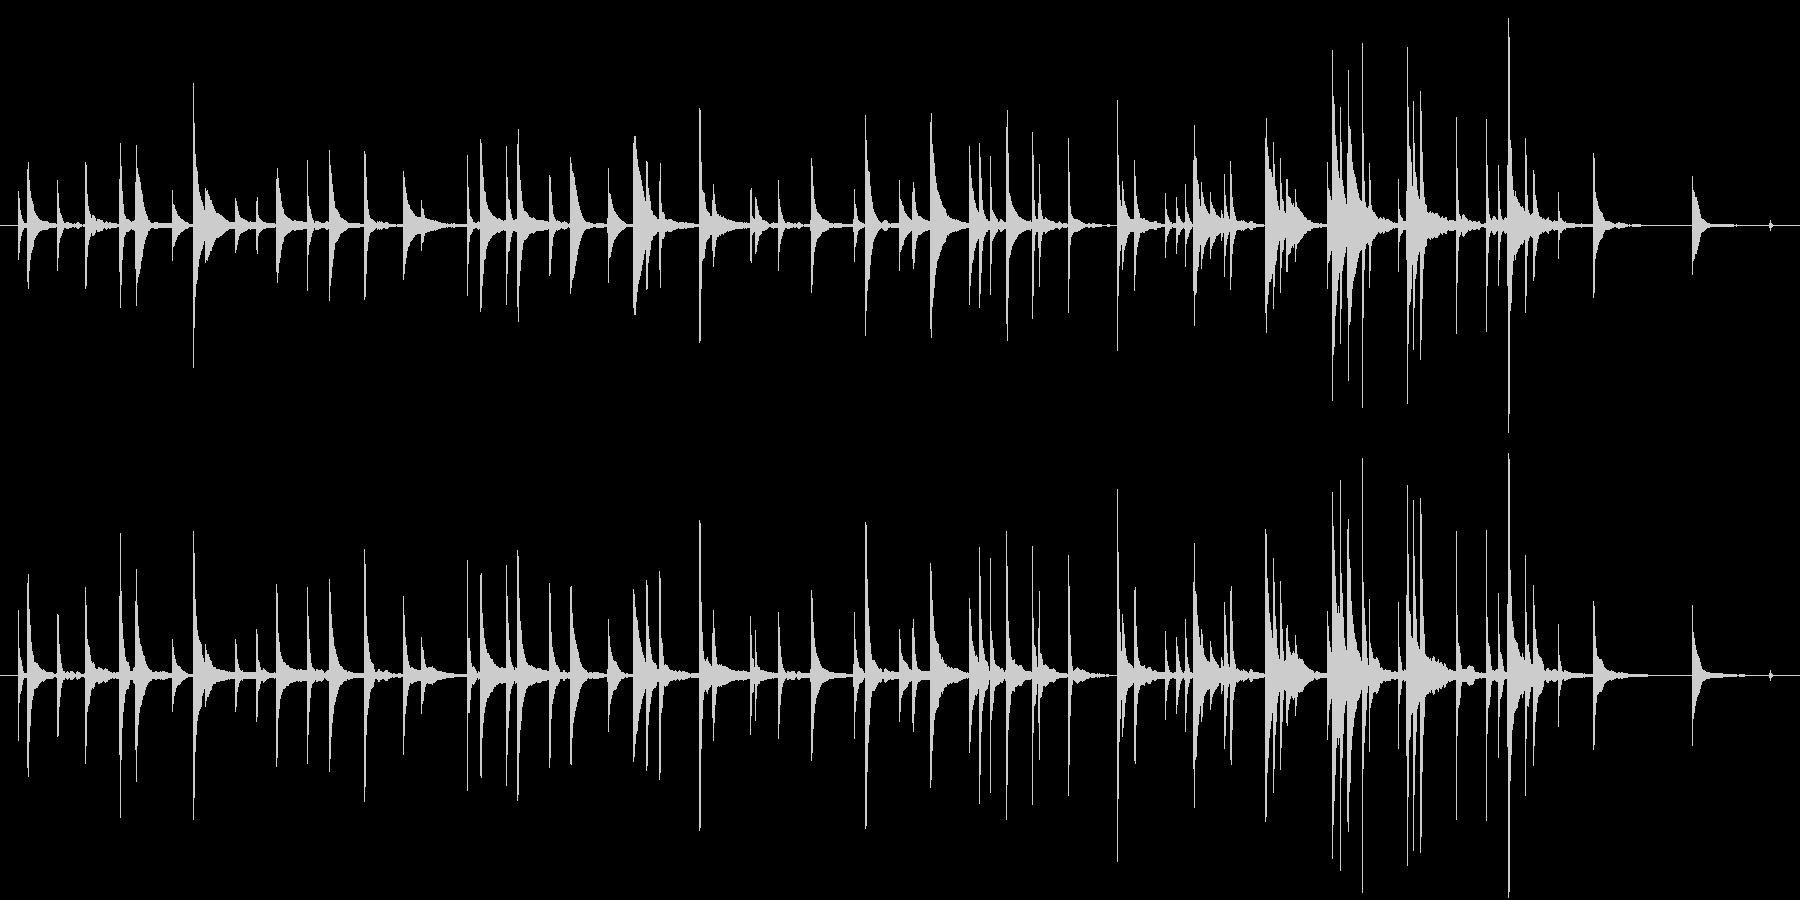 別れ 切なく たんたんと ■ ピアノソロの未再生の波形